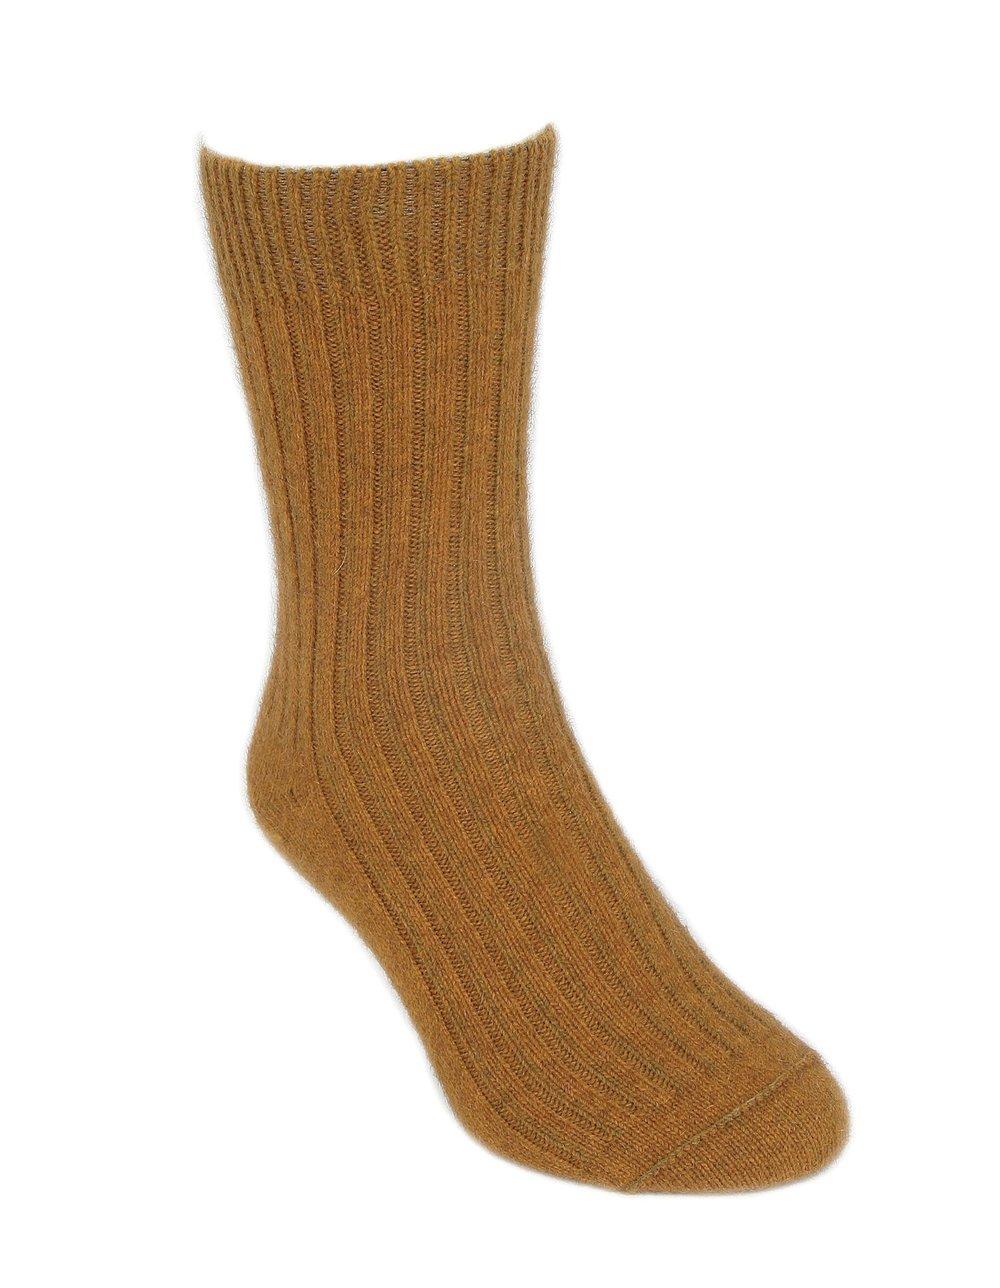 Possum Merino Socks -